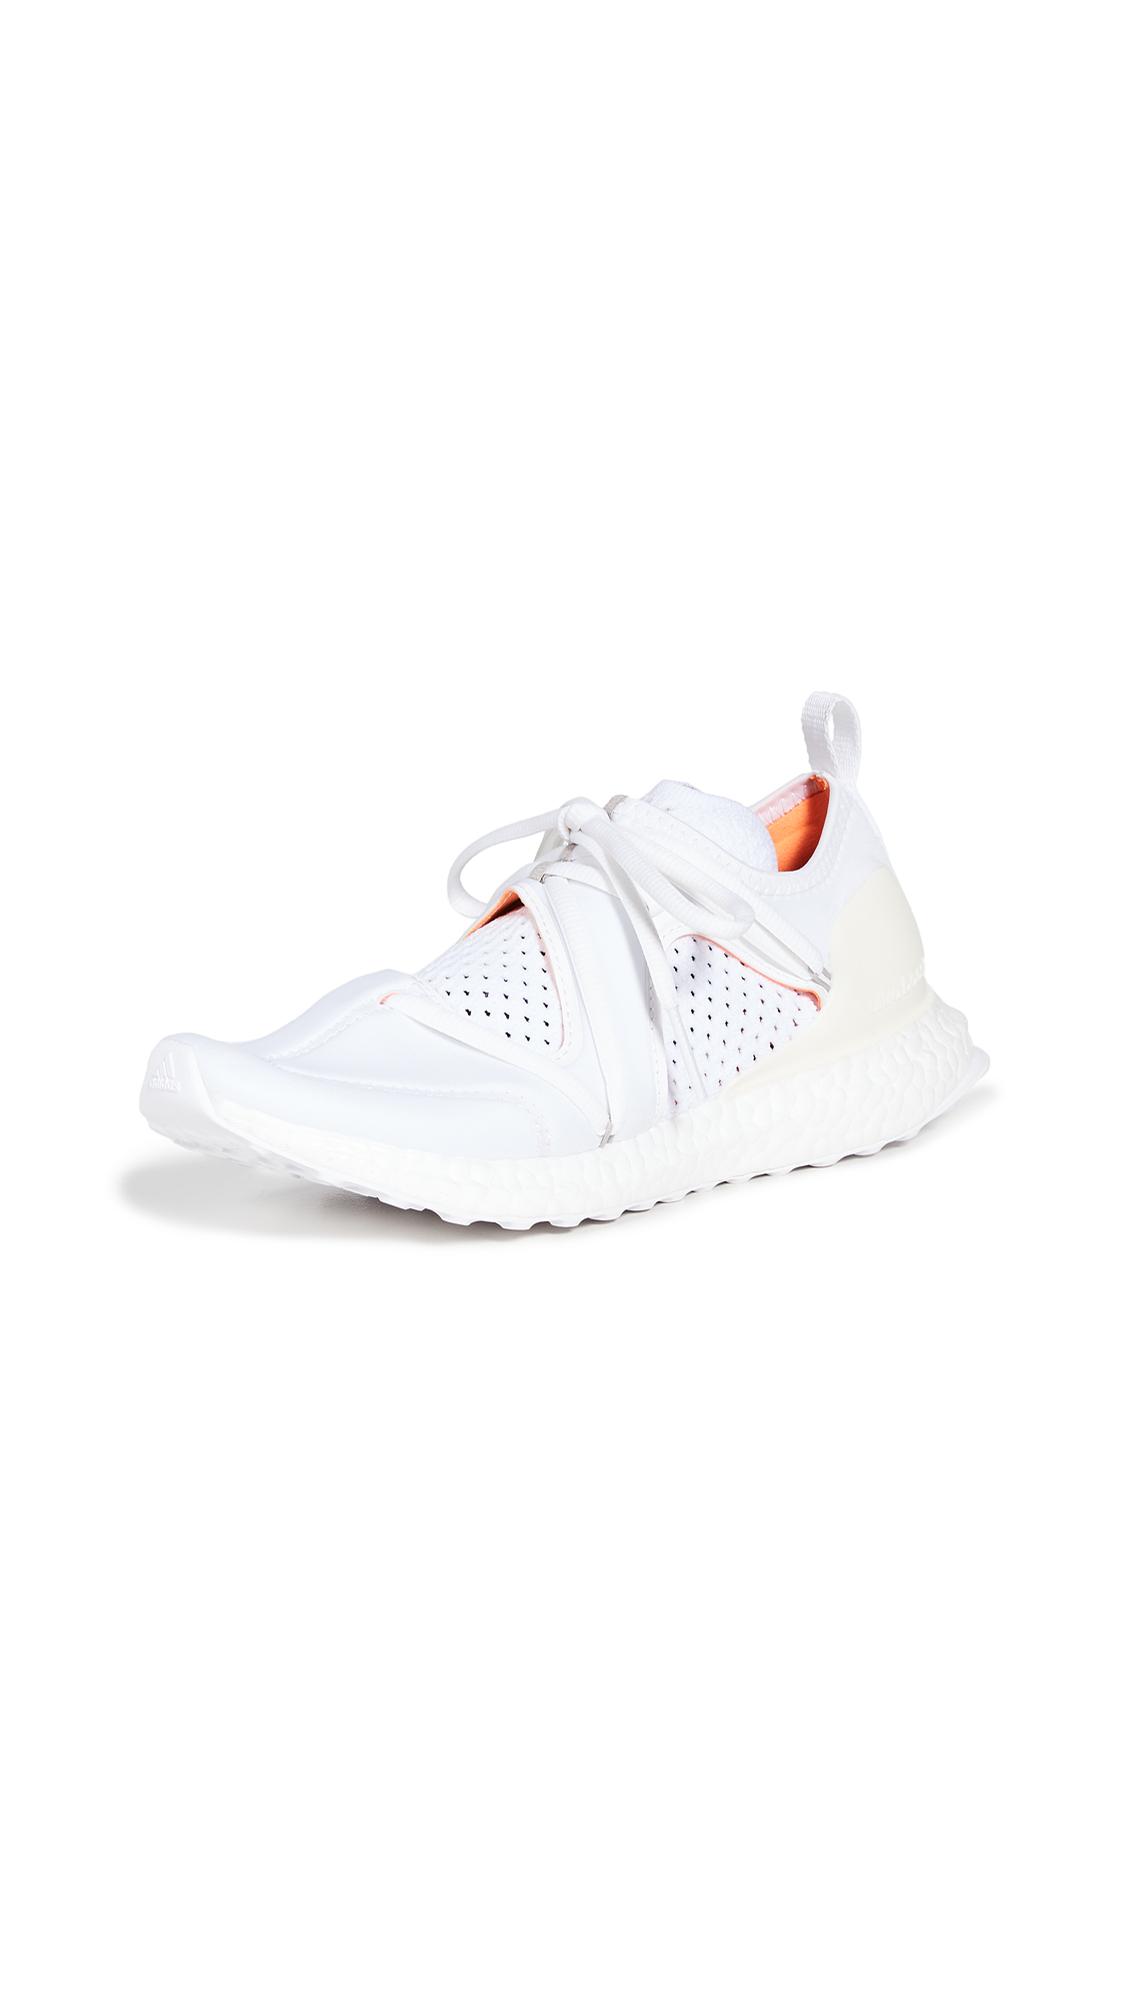 adidas by Stella McCartney Ultraboost T.S. Sneakers